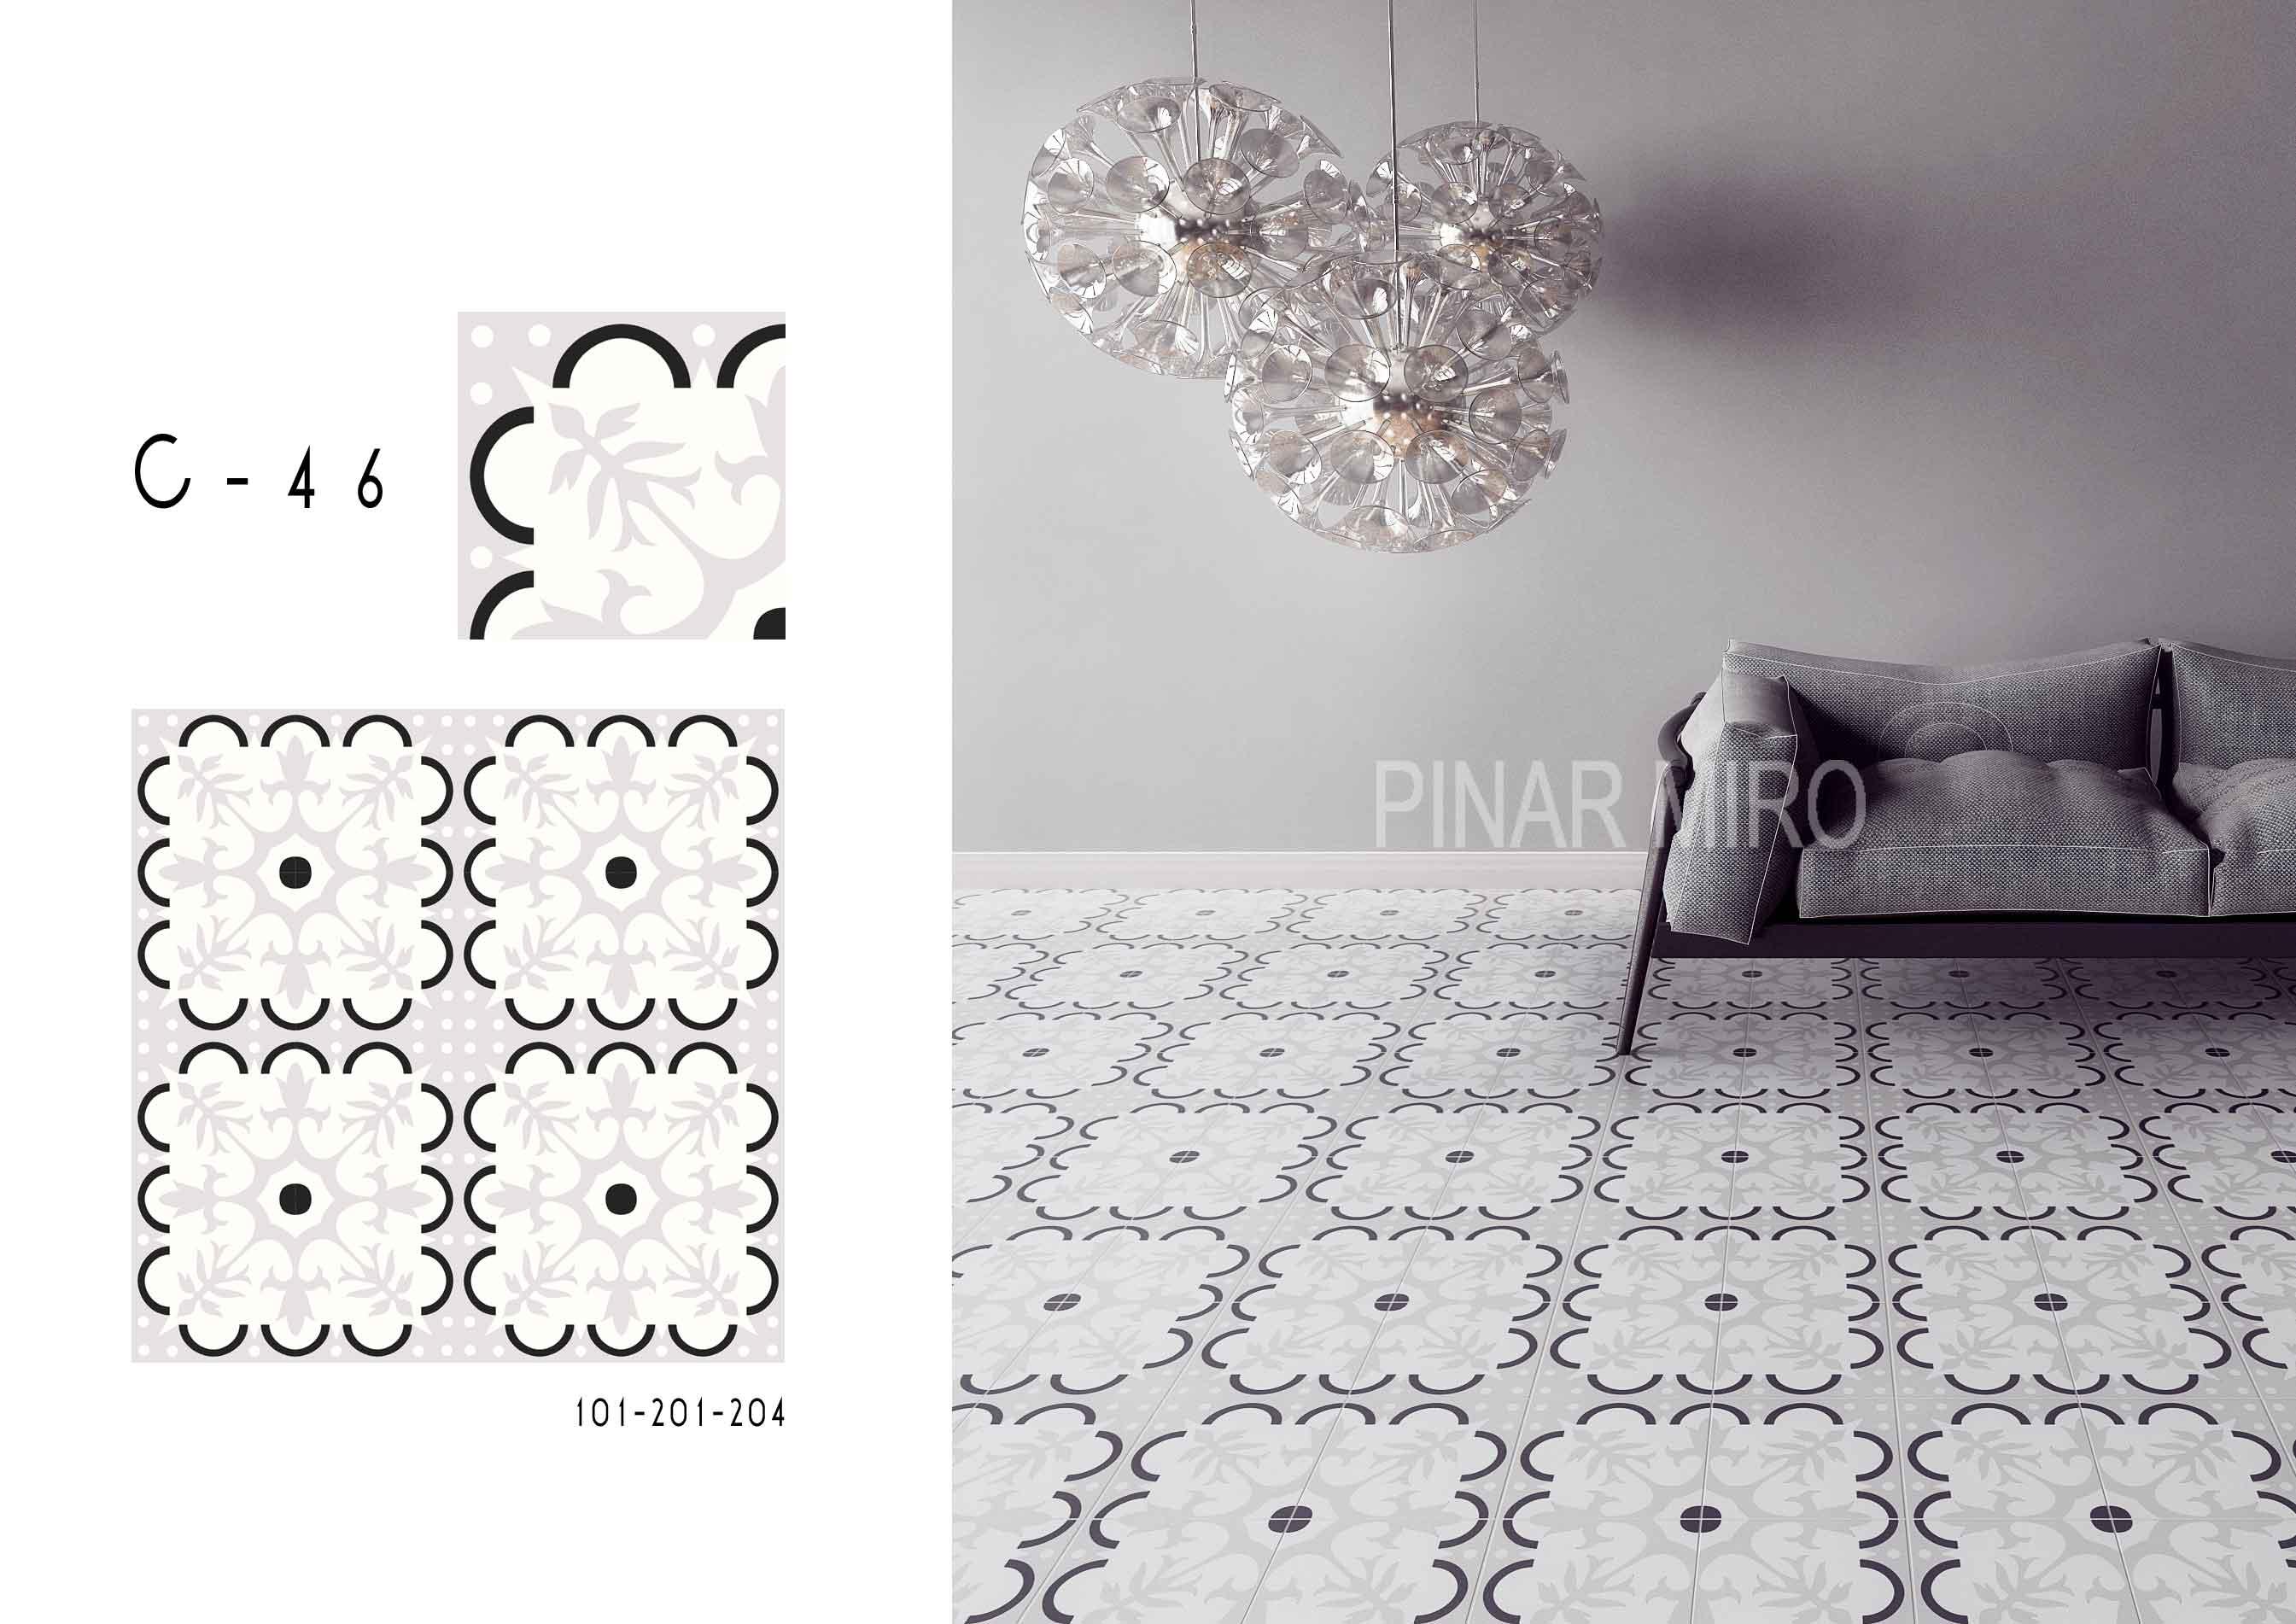 2-c46-pinar-miro-cement-tiles